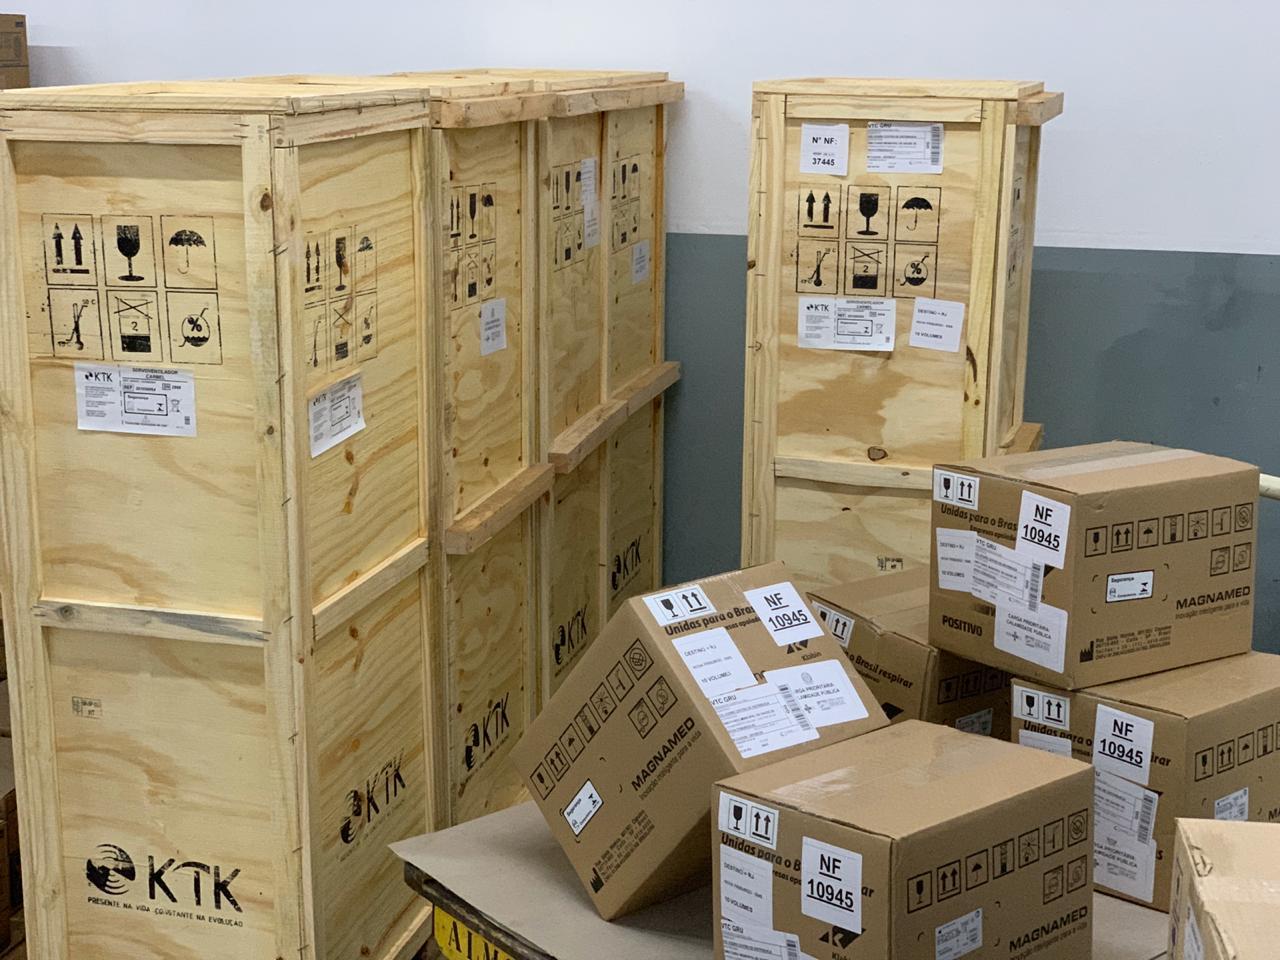 Os equipamentos já estão no almoxarifado da Secretaria de Saúde para serem testados antes de instalados no hospital (Divulgação)